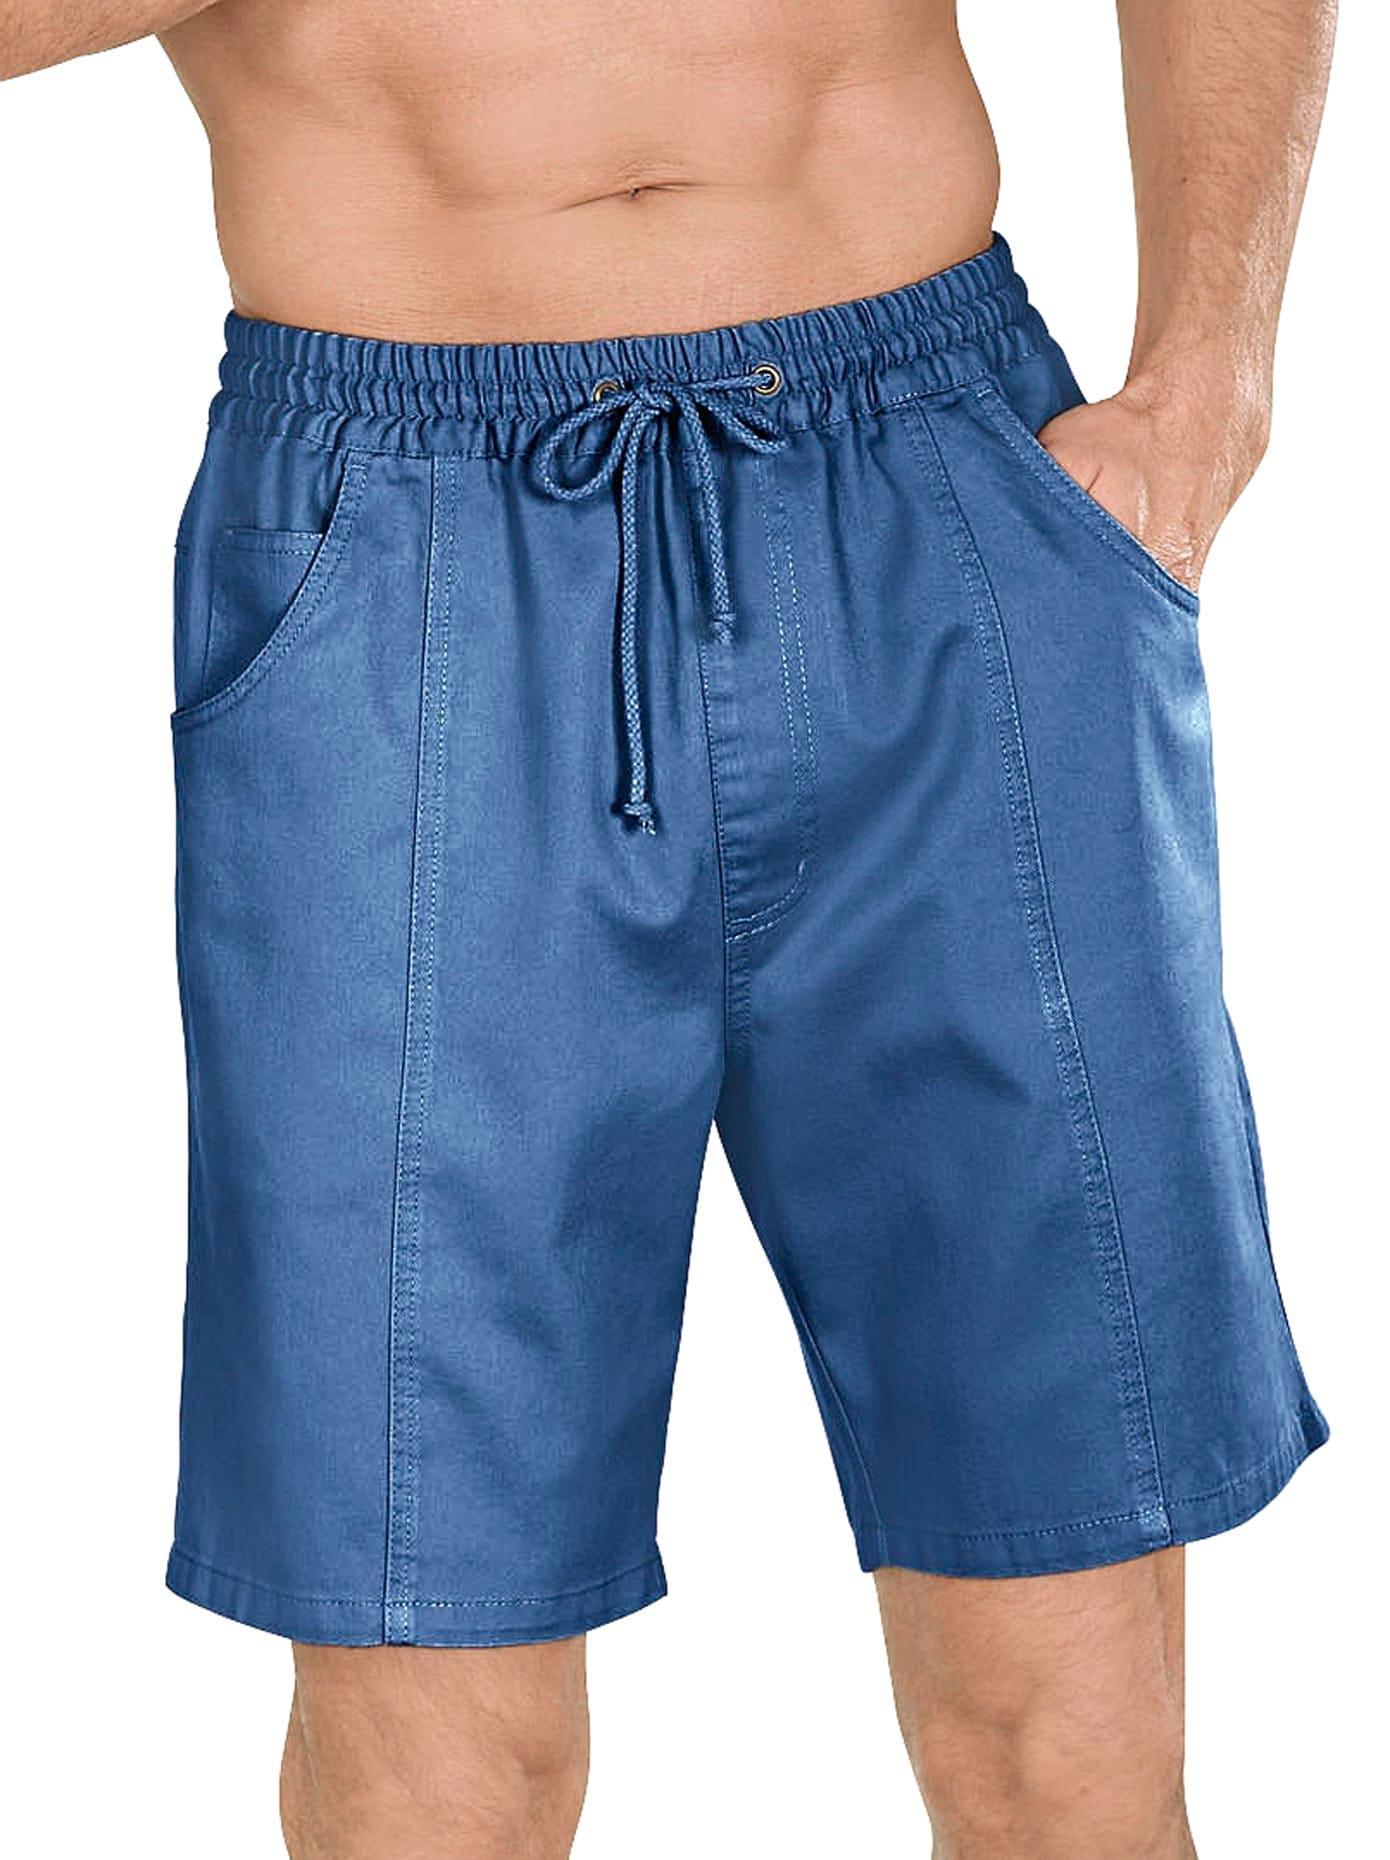 Classic Schlupfbermudas in Jeans-Qualität | Bekleidung > Jeans > Sonstige Jeans | Blau | Classic